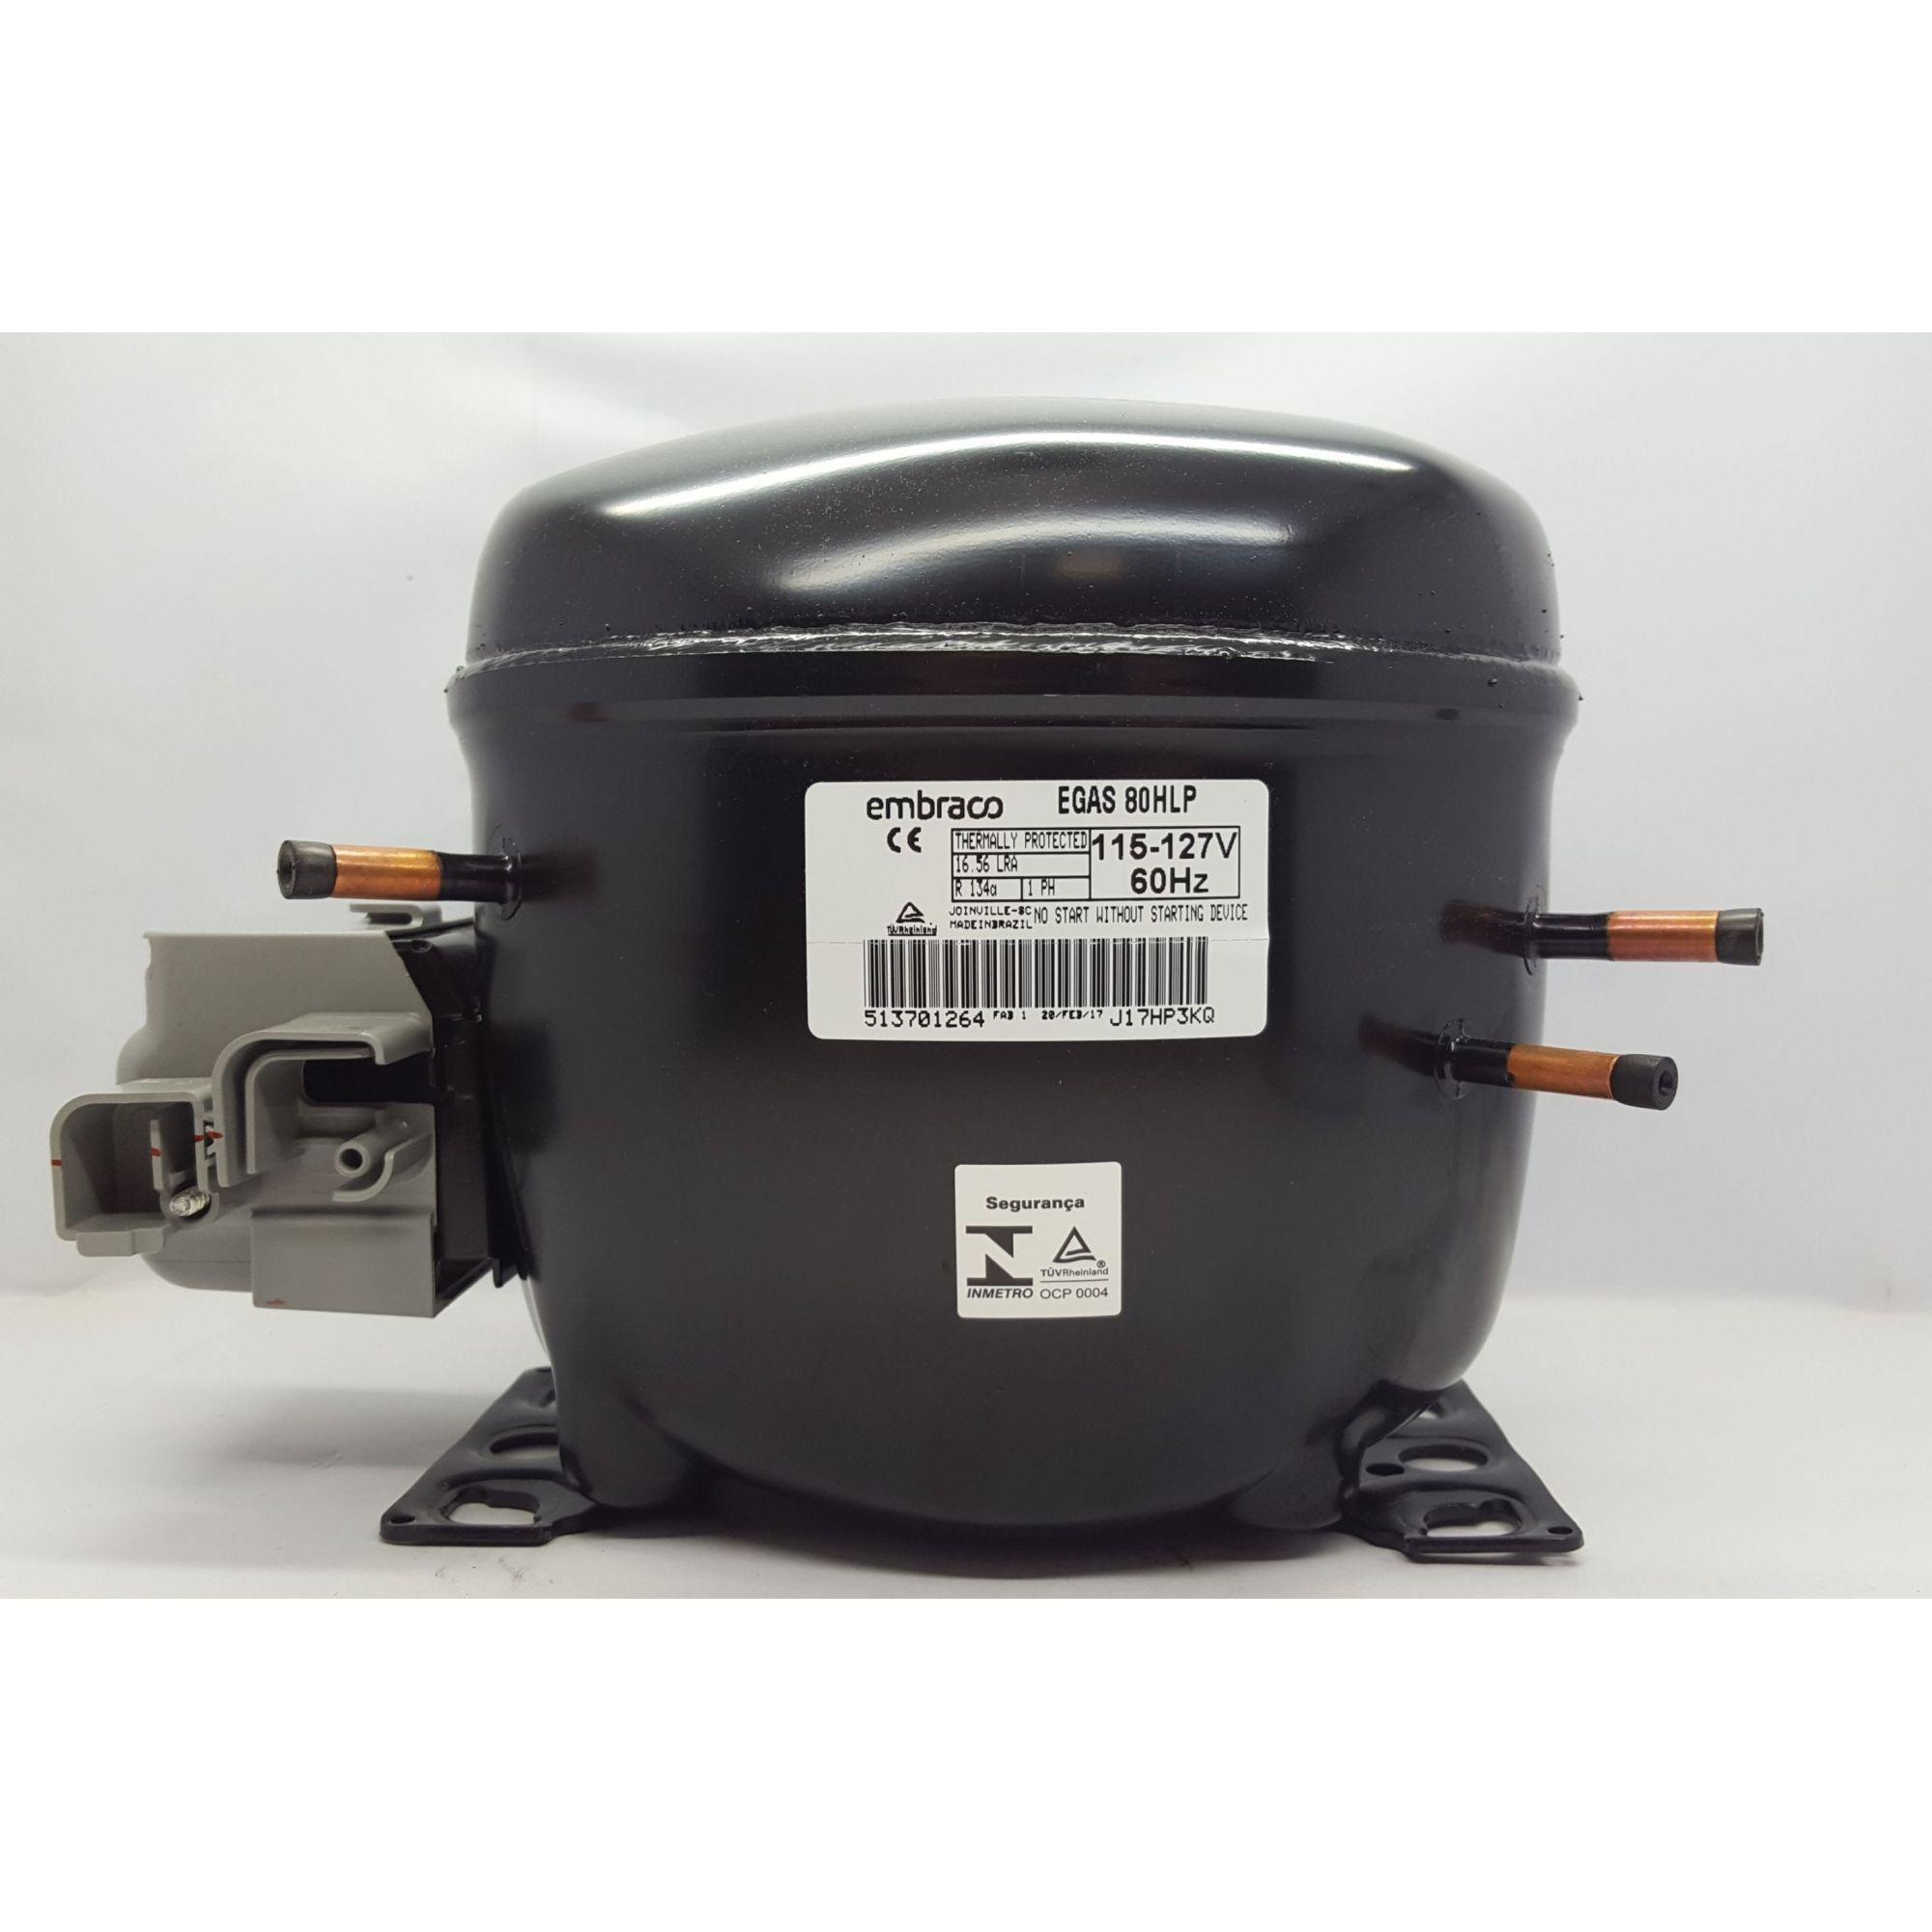 MOTOR PARA GELADEIRA E FREEZER - COMPRESSOR EMBRACO 1/4 HP - EGAS 80HLP - R134a (110v)